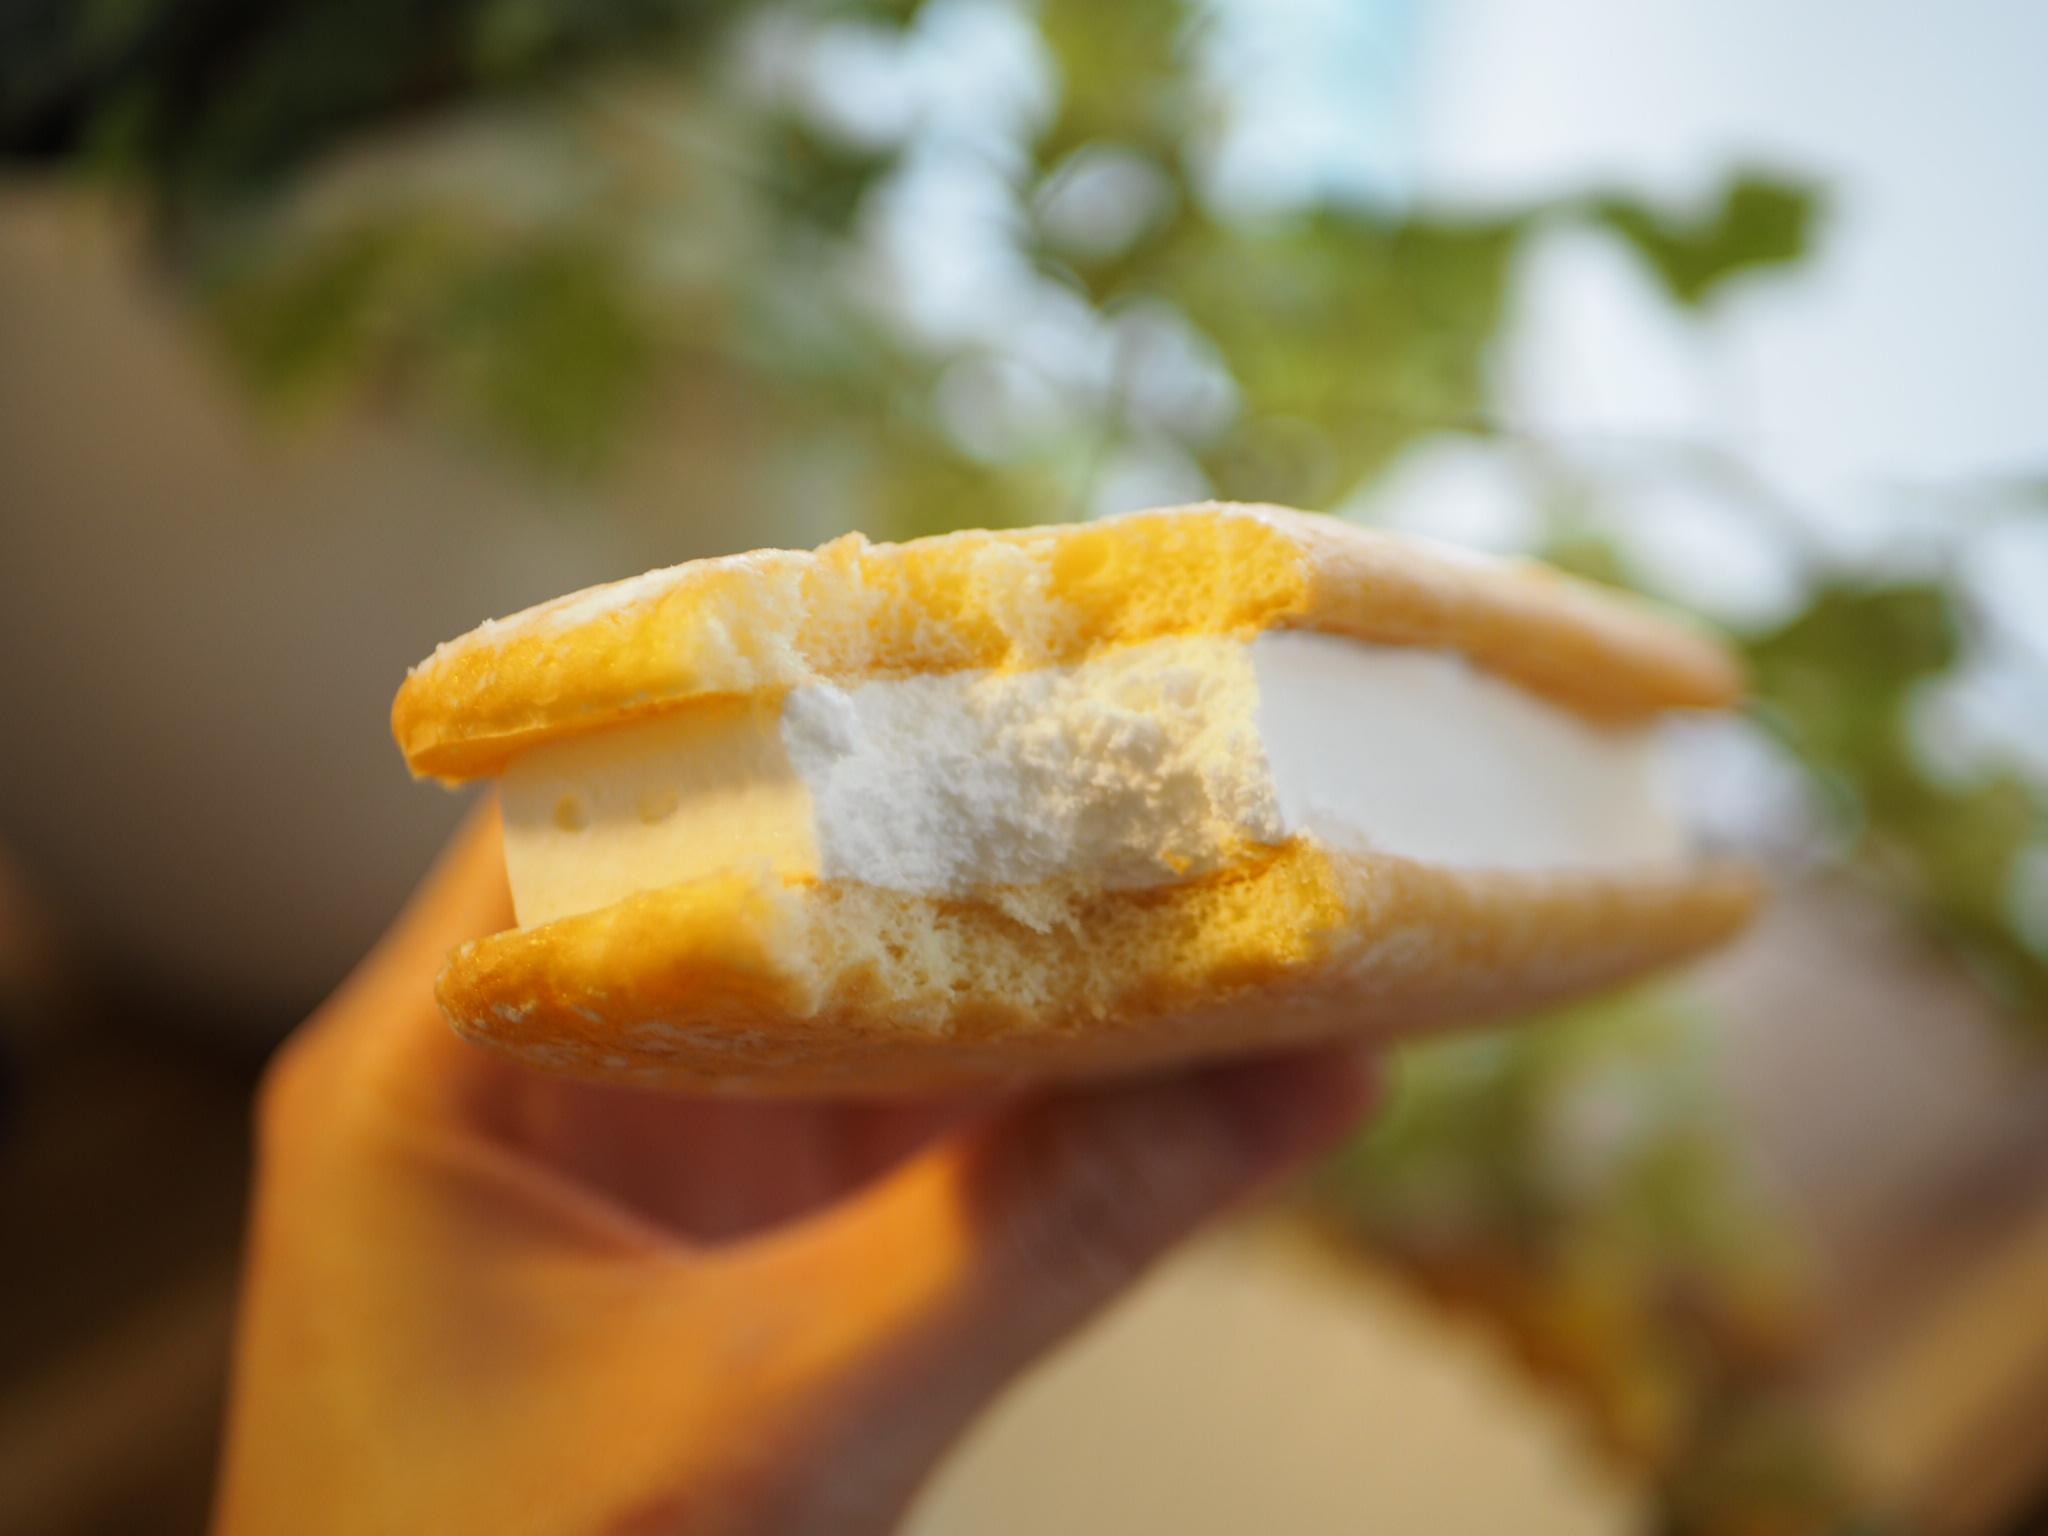 【おすすめアイス】一度は食べて!ファミマ限定アイス《ふわっふわケーキサンド》が美味しい♡_5